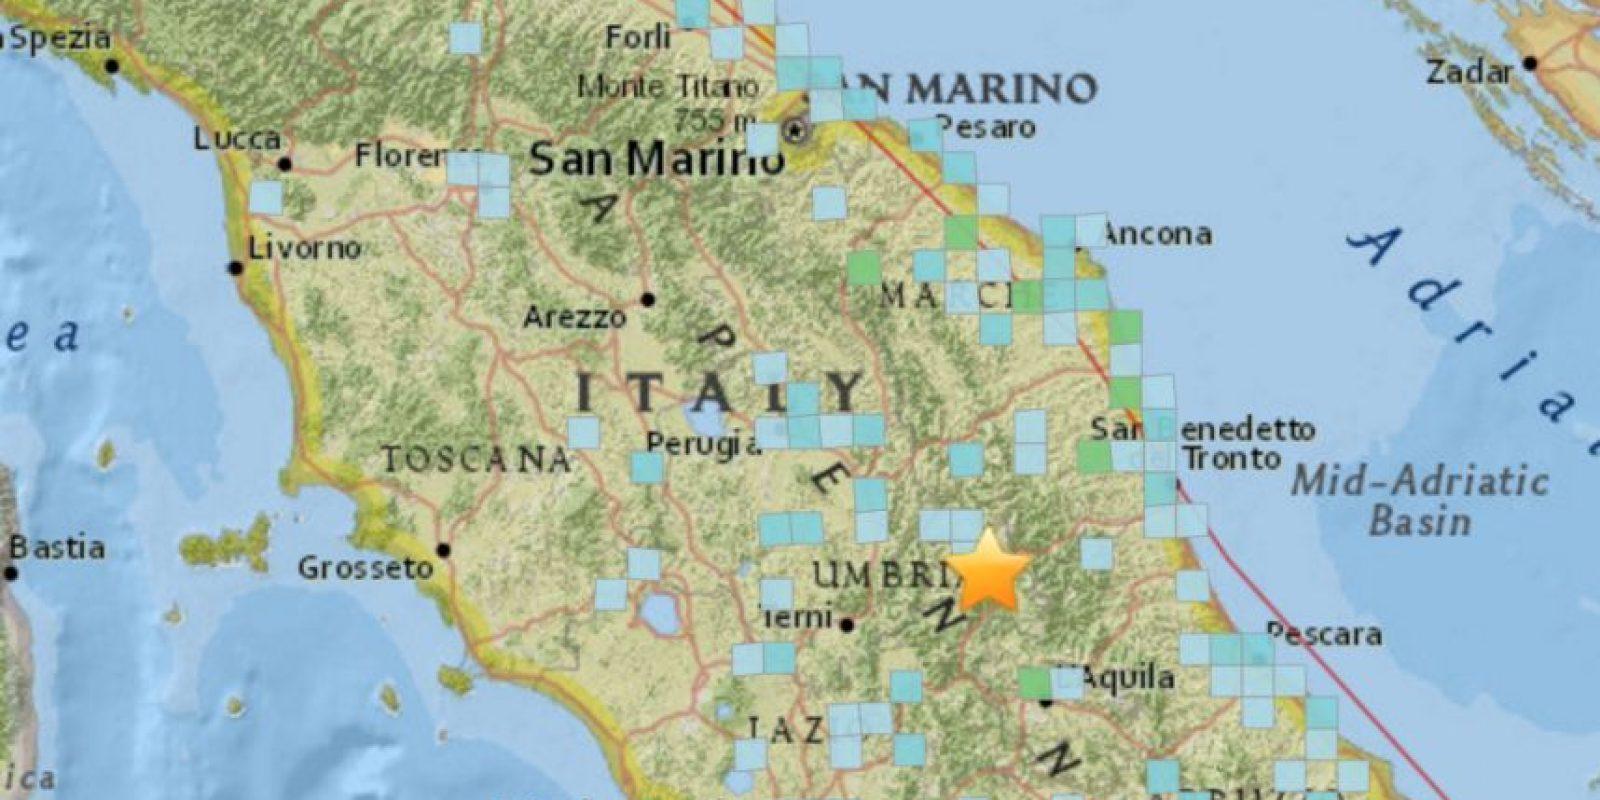 Las ciudades donde se sintió el movimiento telúrico. Foto:USGS